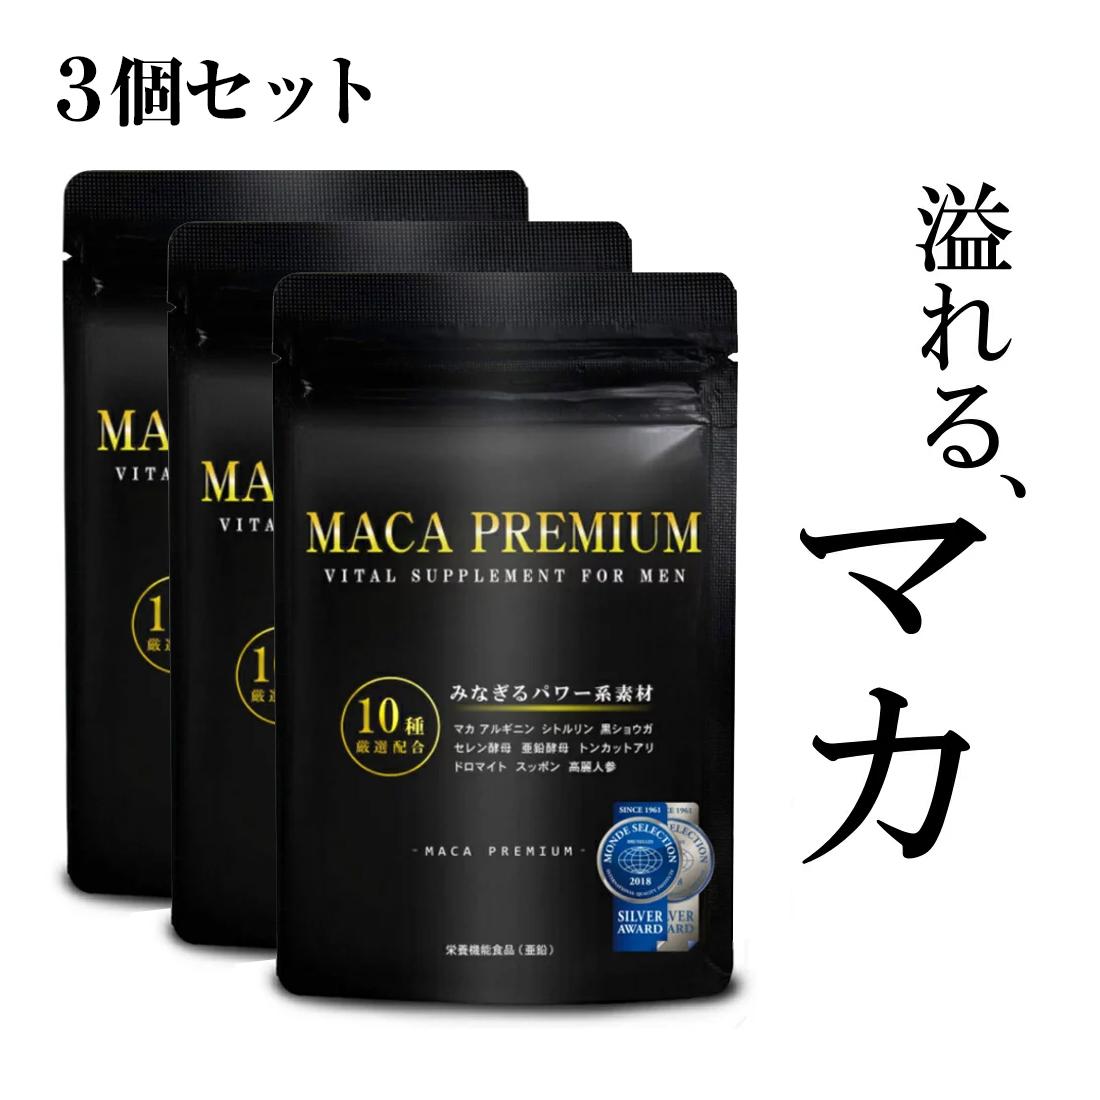 マカ 3個セット アルギニン 亜鉛 サプリ クラチャイダム 爆売り シトルリン サプリメント 幸せラボ 30日分 MACAPREMIUM 男性 マカプレミアム 60カプセル 全10種類 品質保証 ※精力剤ではなくサプリ